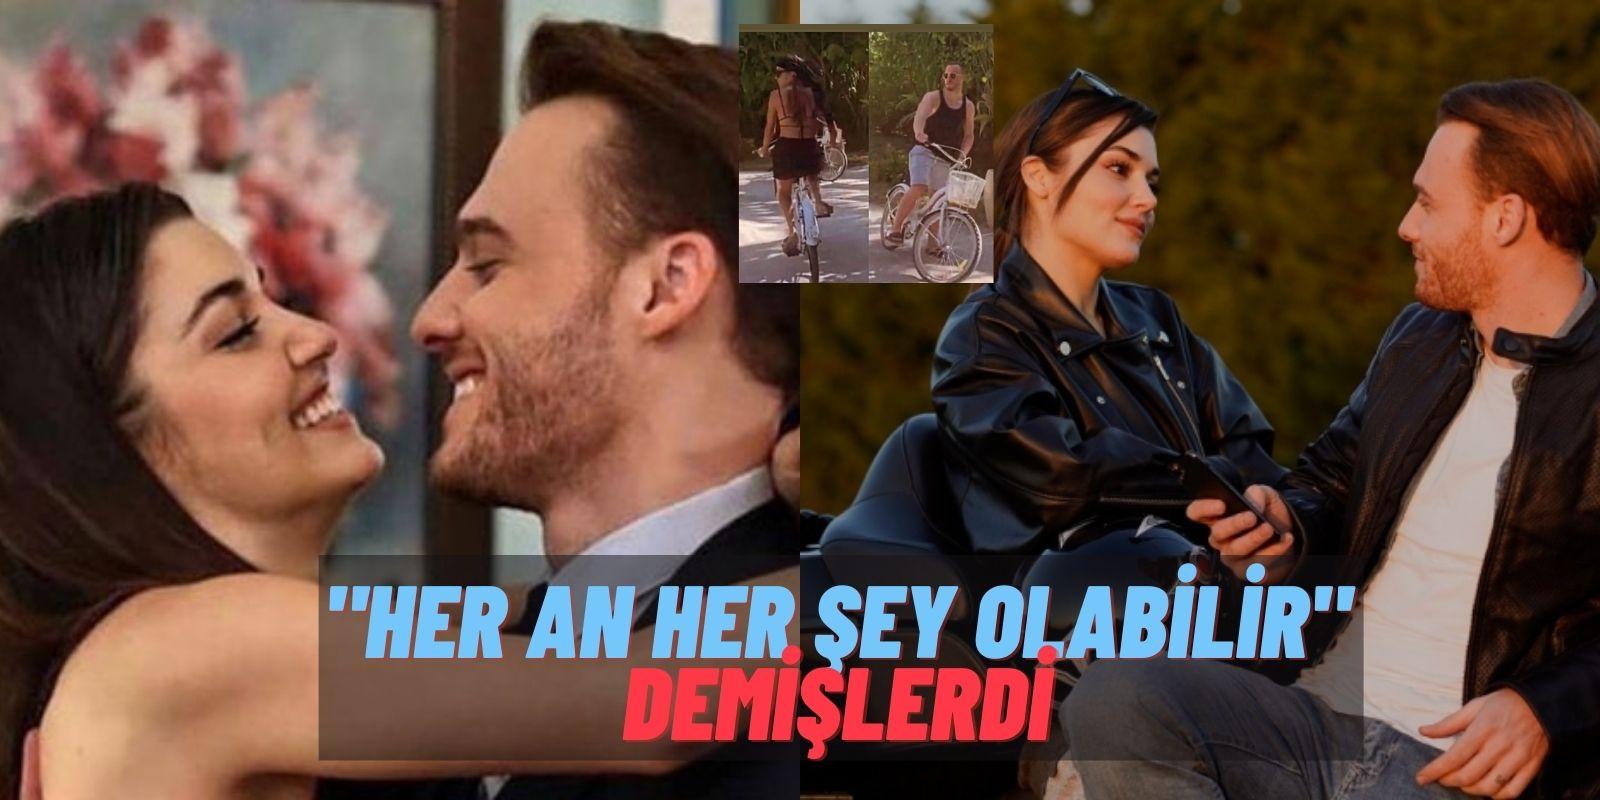 Hande Erçel'in Kıskançlık Krizi İşe Yaradı! Kerem Bürsin ve Hande Erçel Çifti Bisiklet Turunda Enselendi